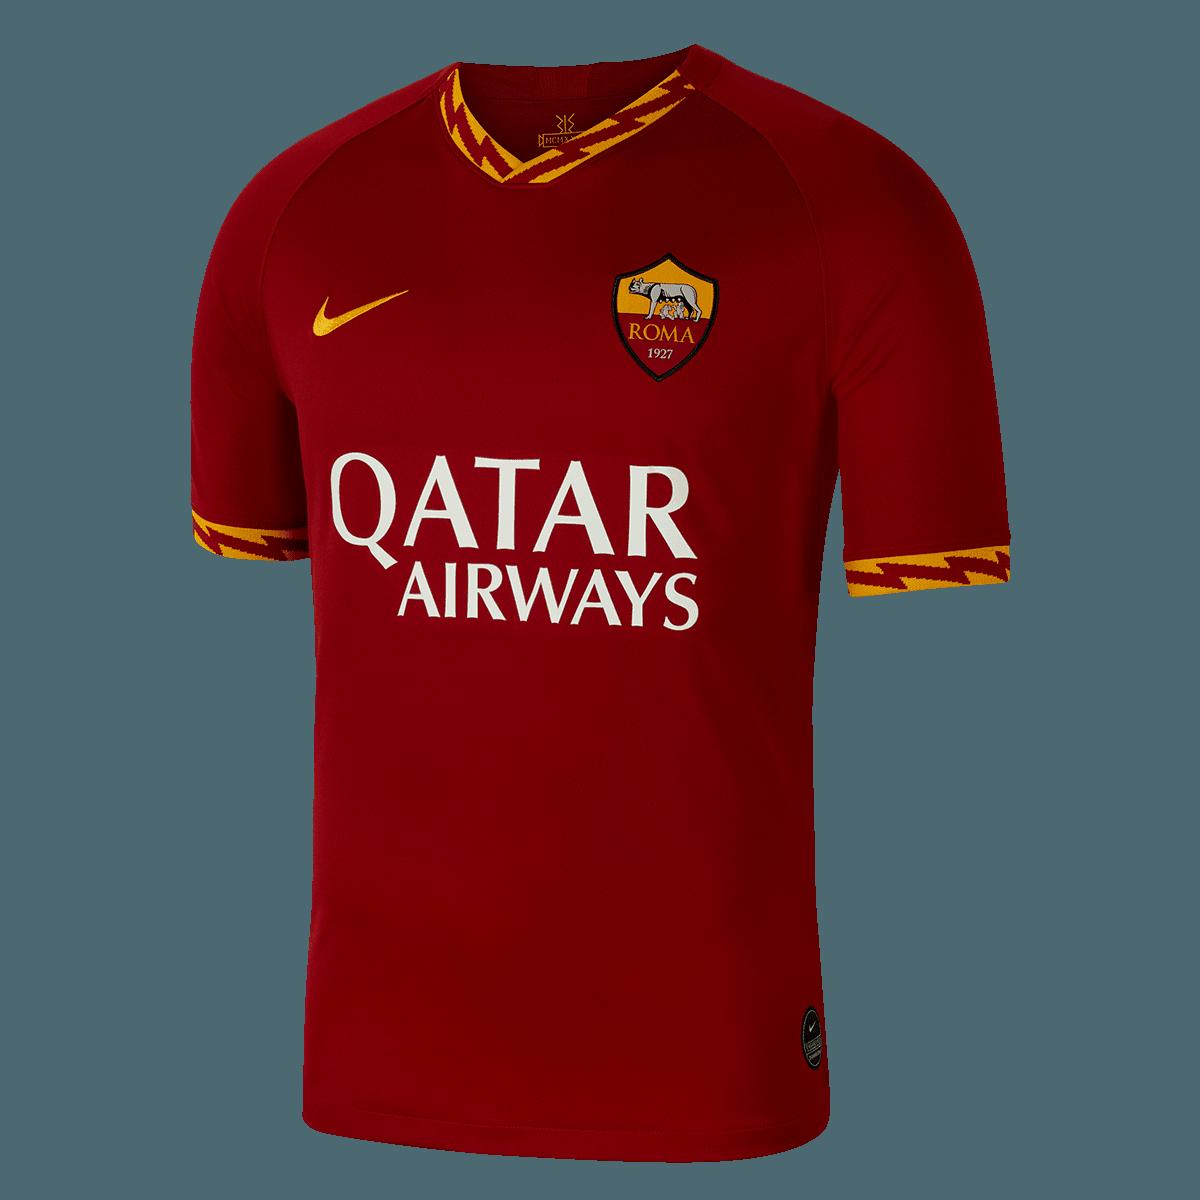 maillot Nike de l'AS Roma pour homme lors des matches à domicile, saison 2019/20